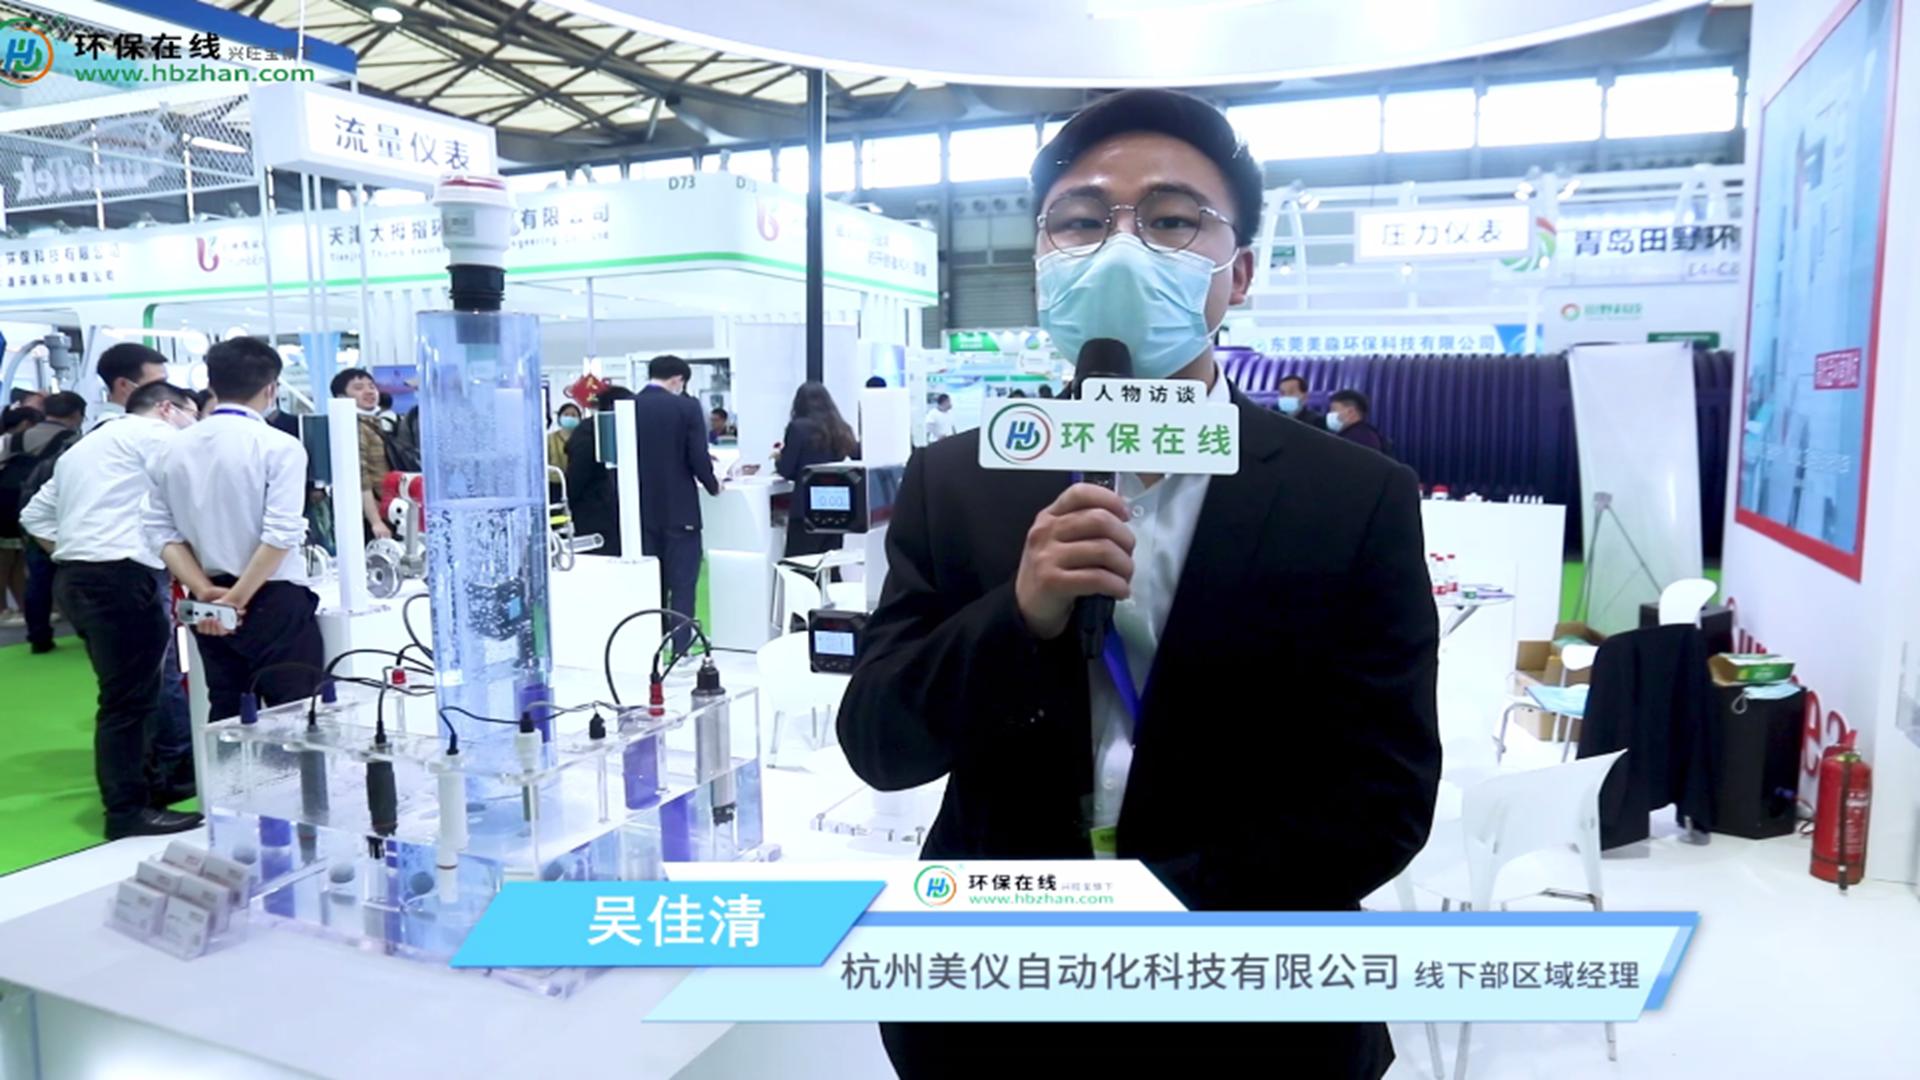 专访:杭州美仪自动化科技有限公司线下部区域经理吴佳清